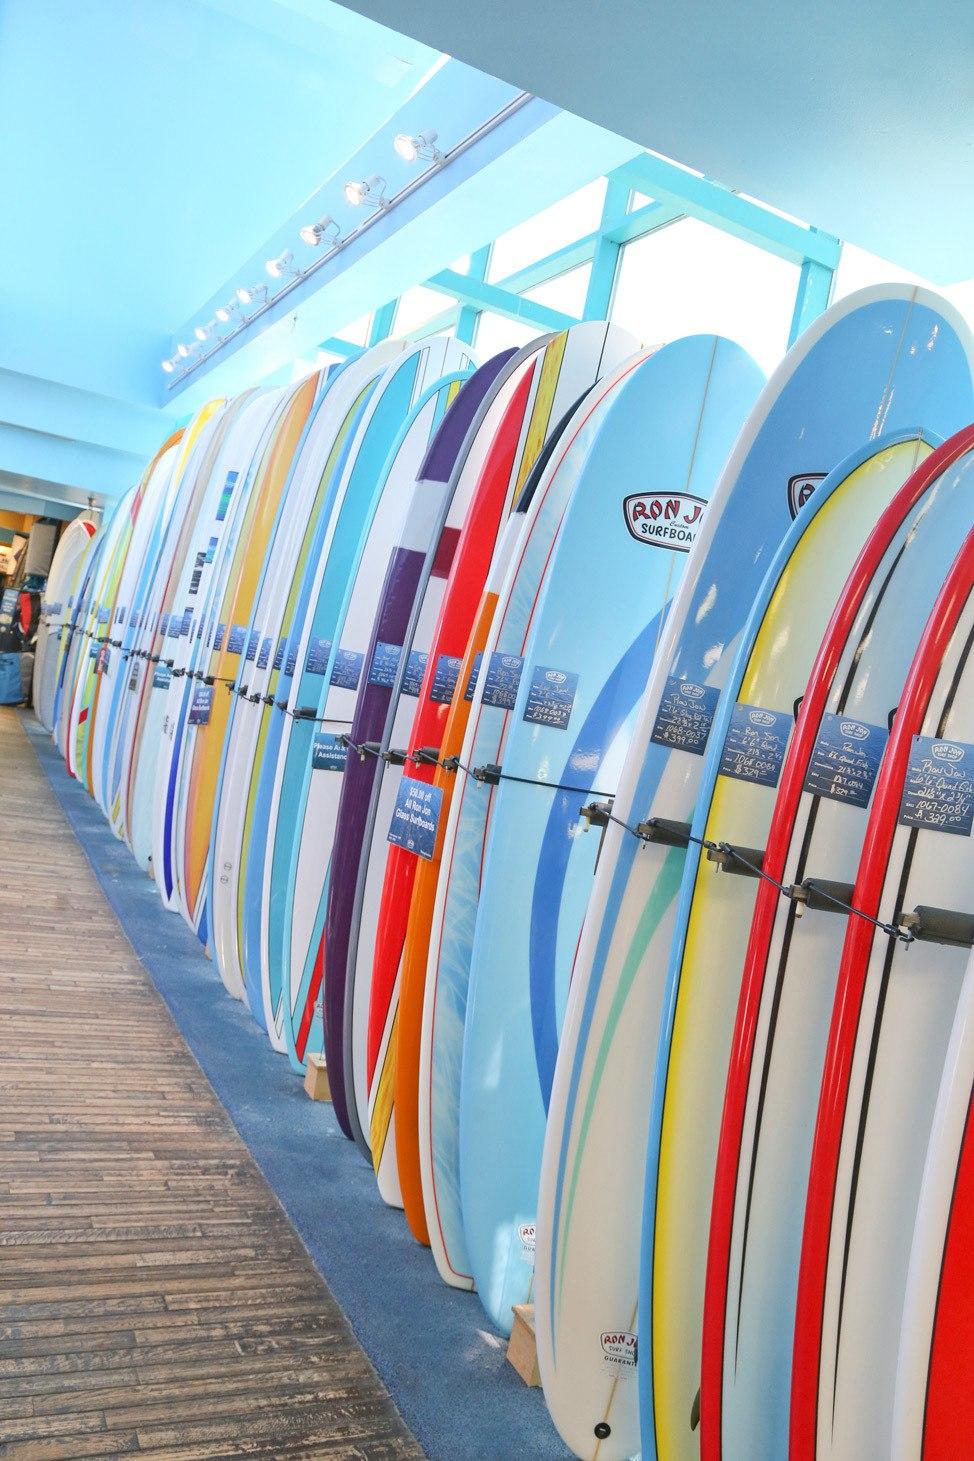 Ron Jon Surf Shop in Cocoa Beach Florida